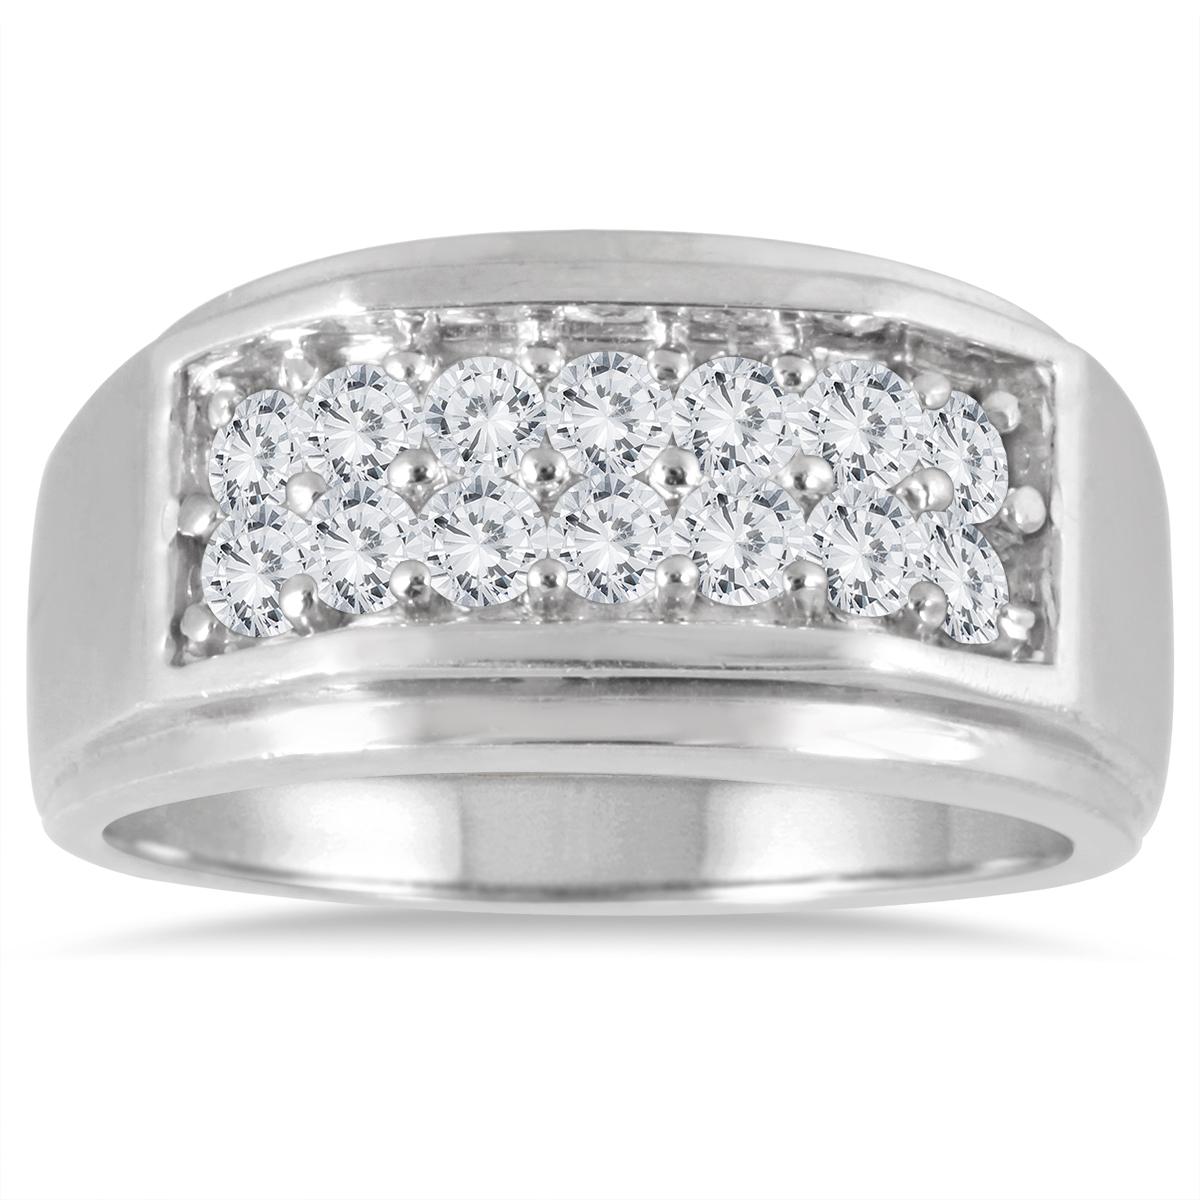 1 Carat Diamond Men's Ring in 10K White Gold thumbnail